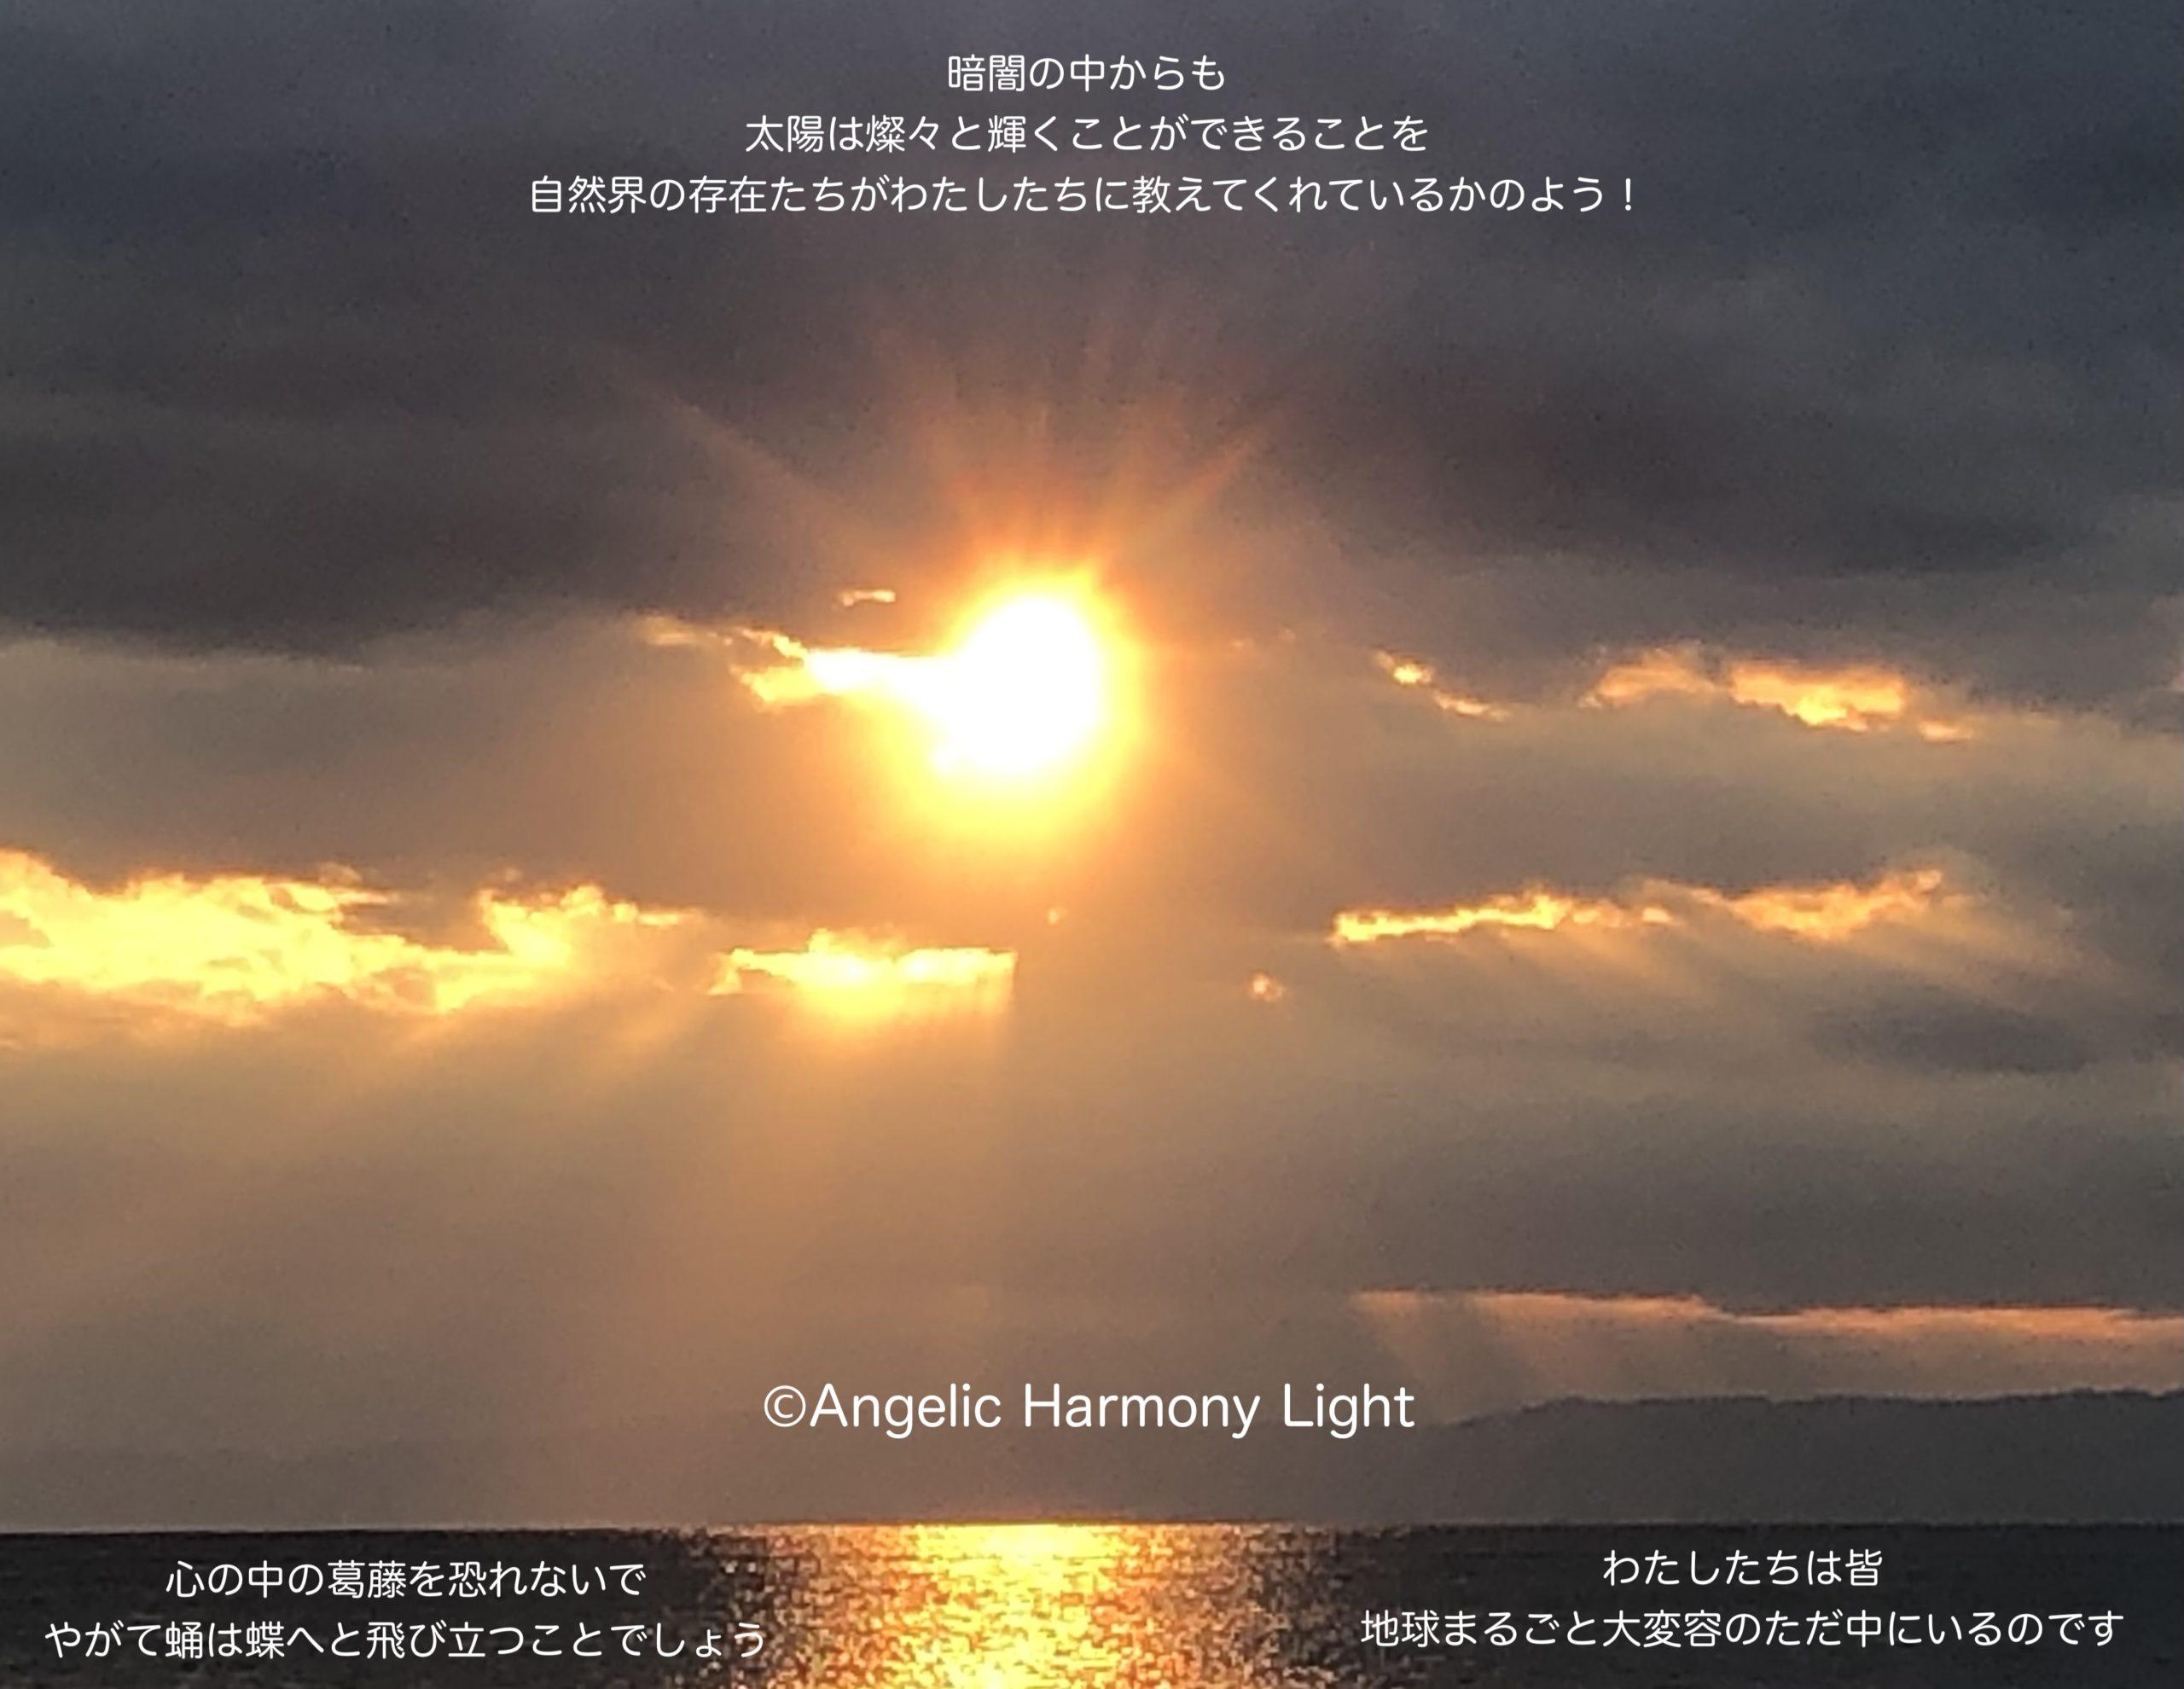 暗闇の中からも太陽は燦々と輝くことができることを自然界の存在たちが教えてくれているかのようです。